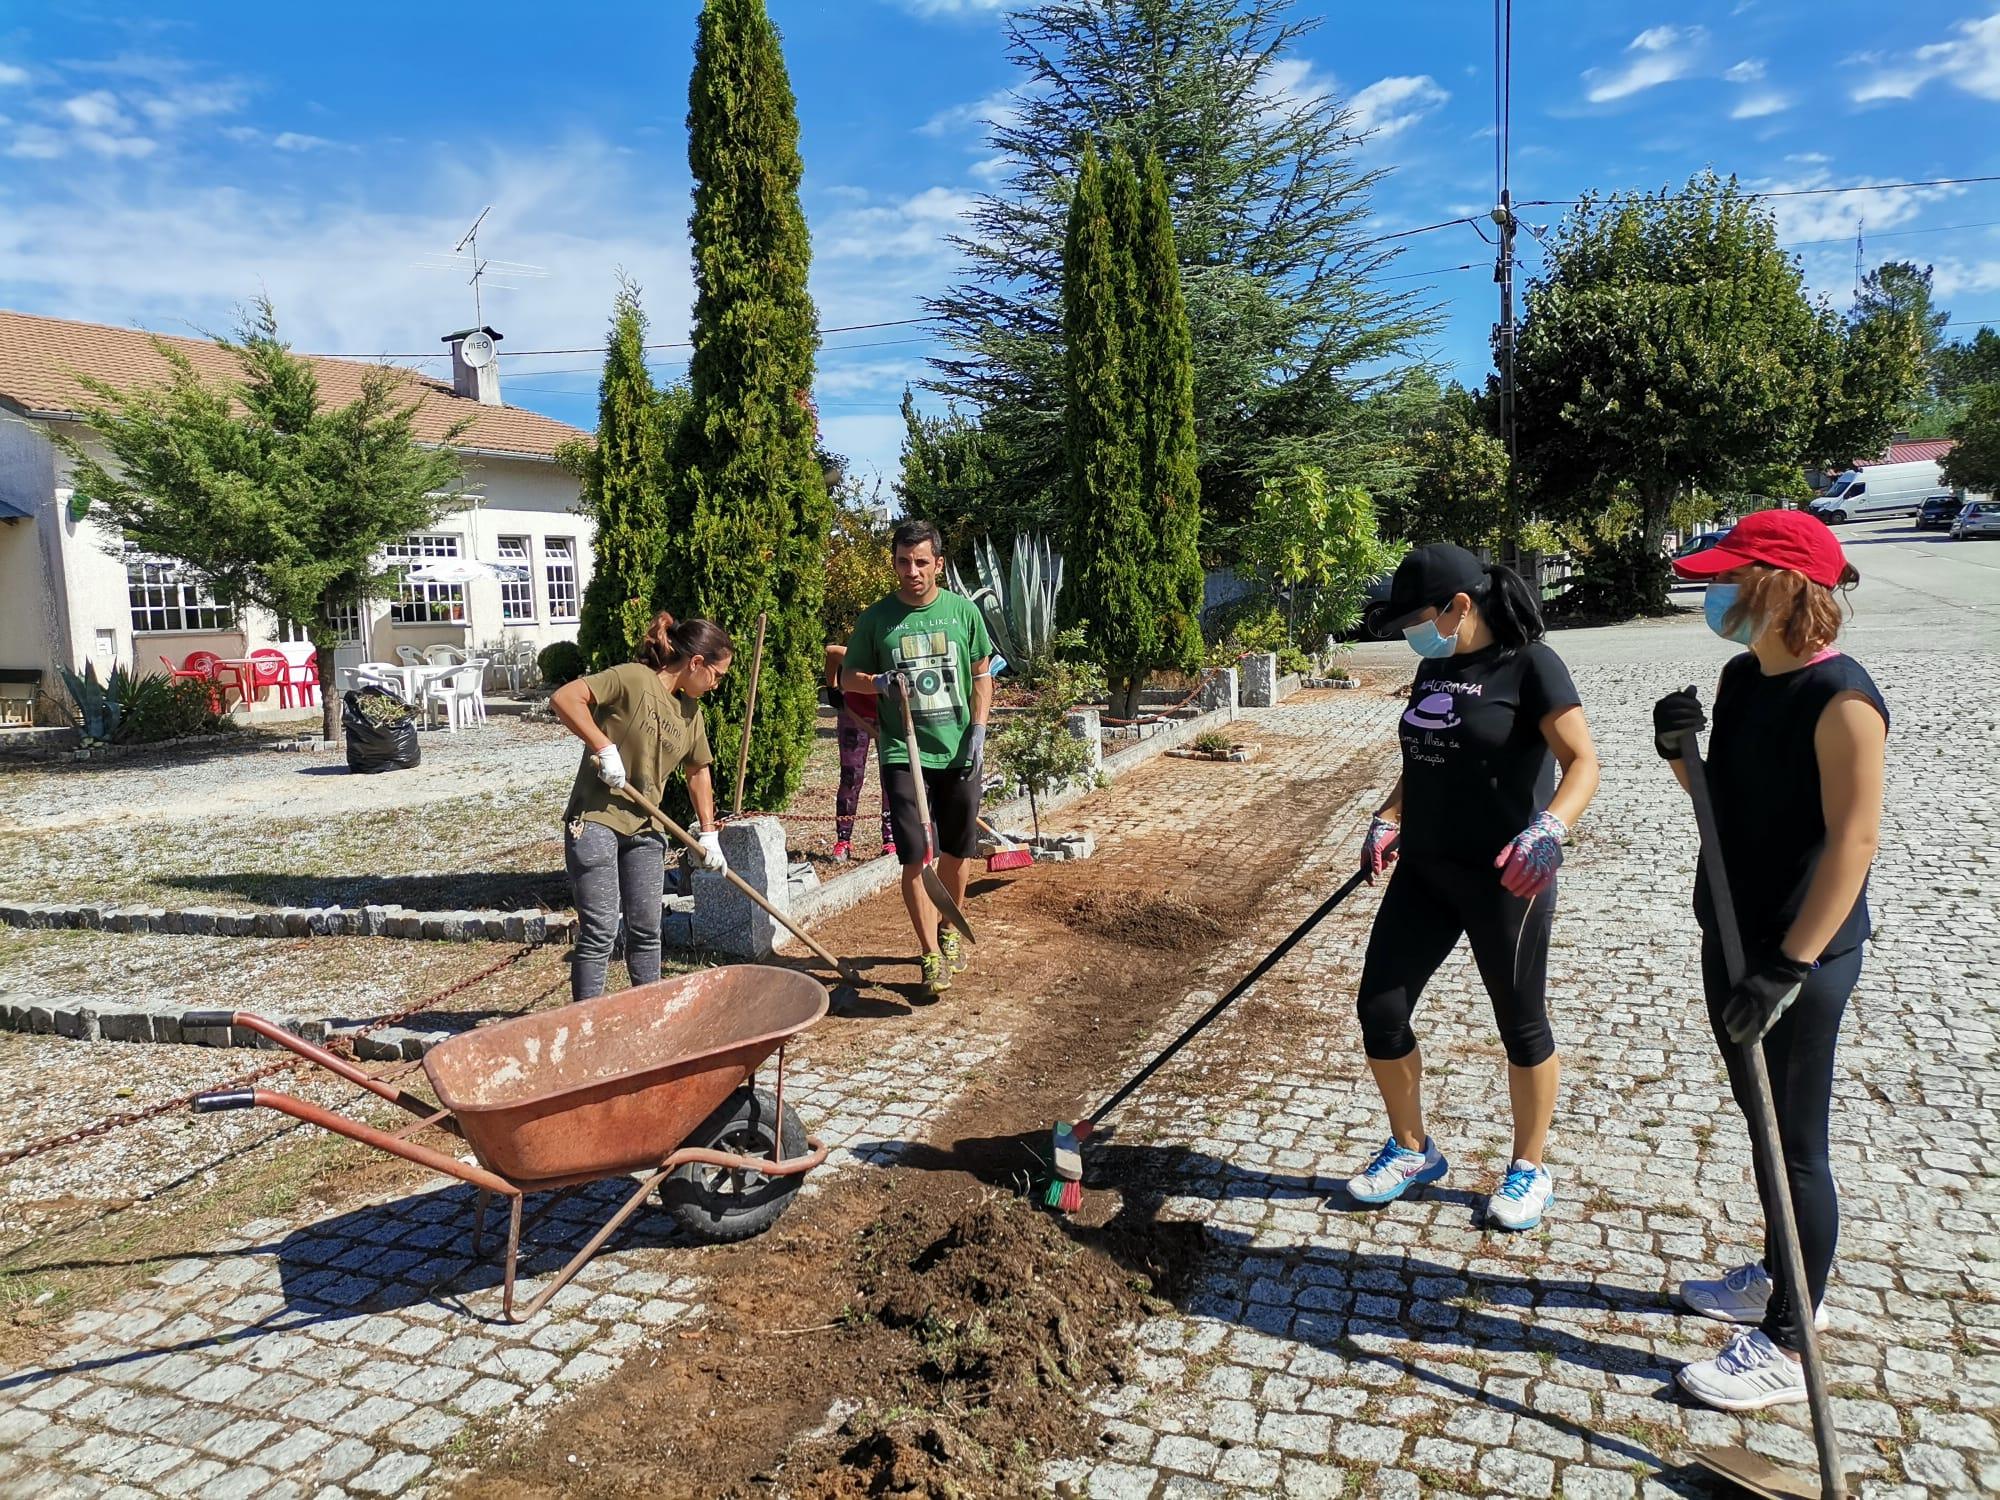 limpeza bairro norad viseu 09 2021